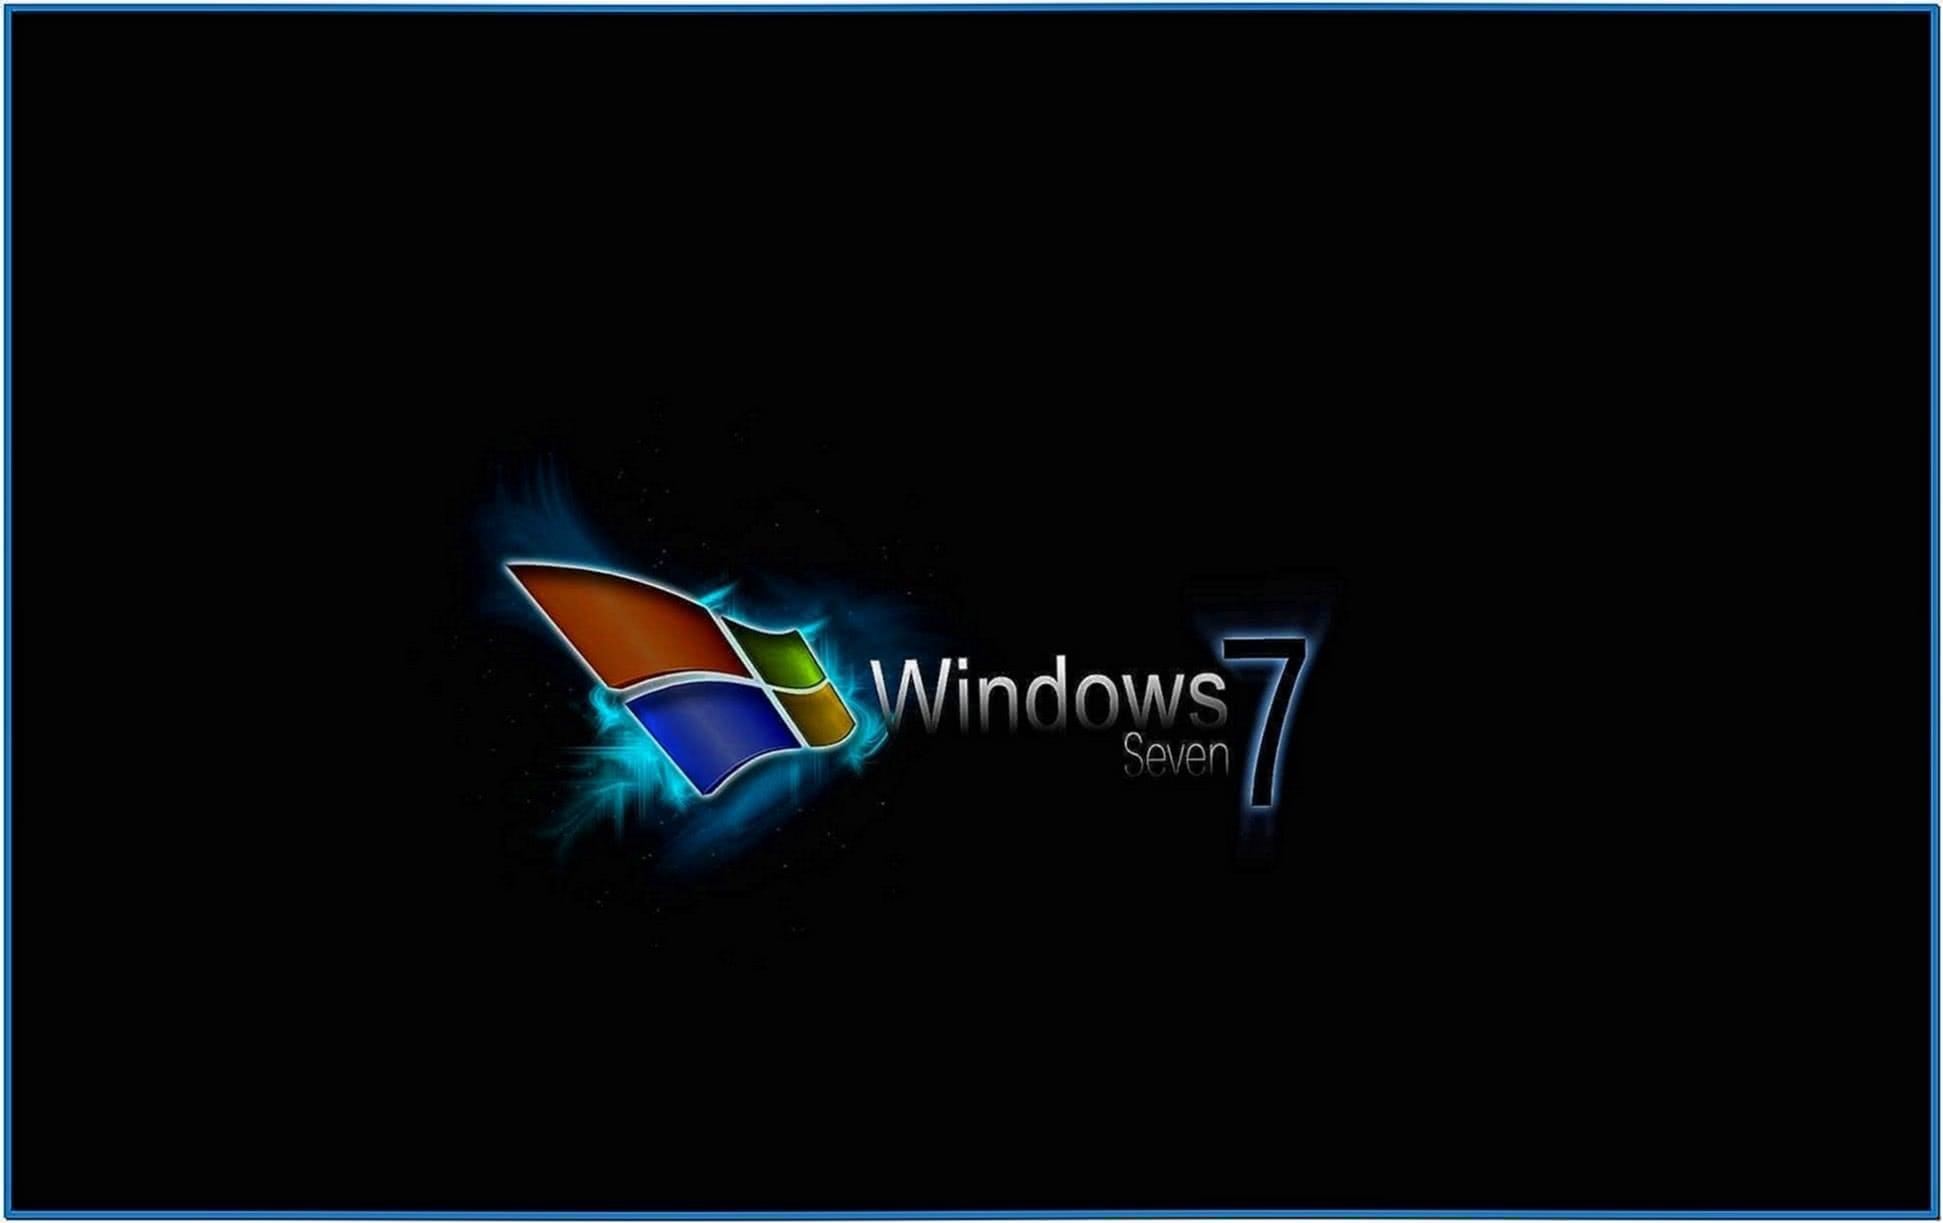 Screensavers Windows 7 Full HD